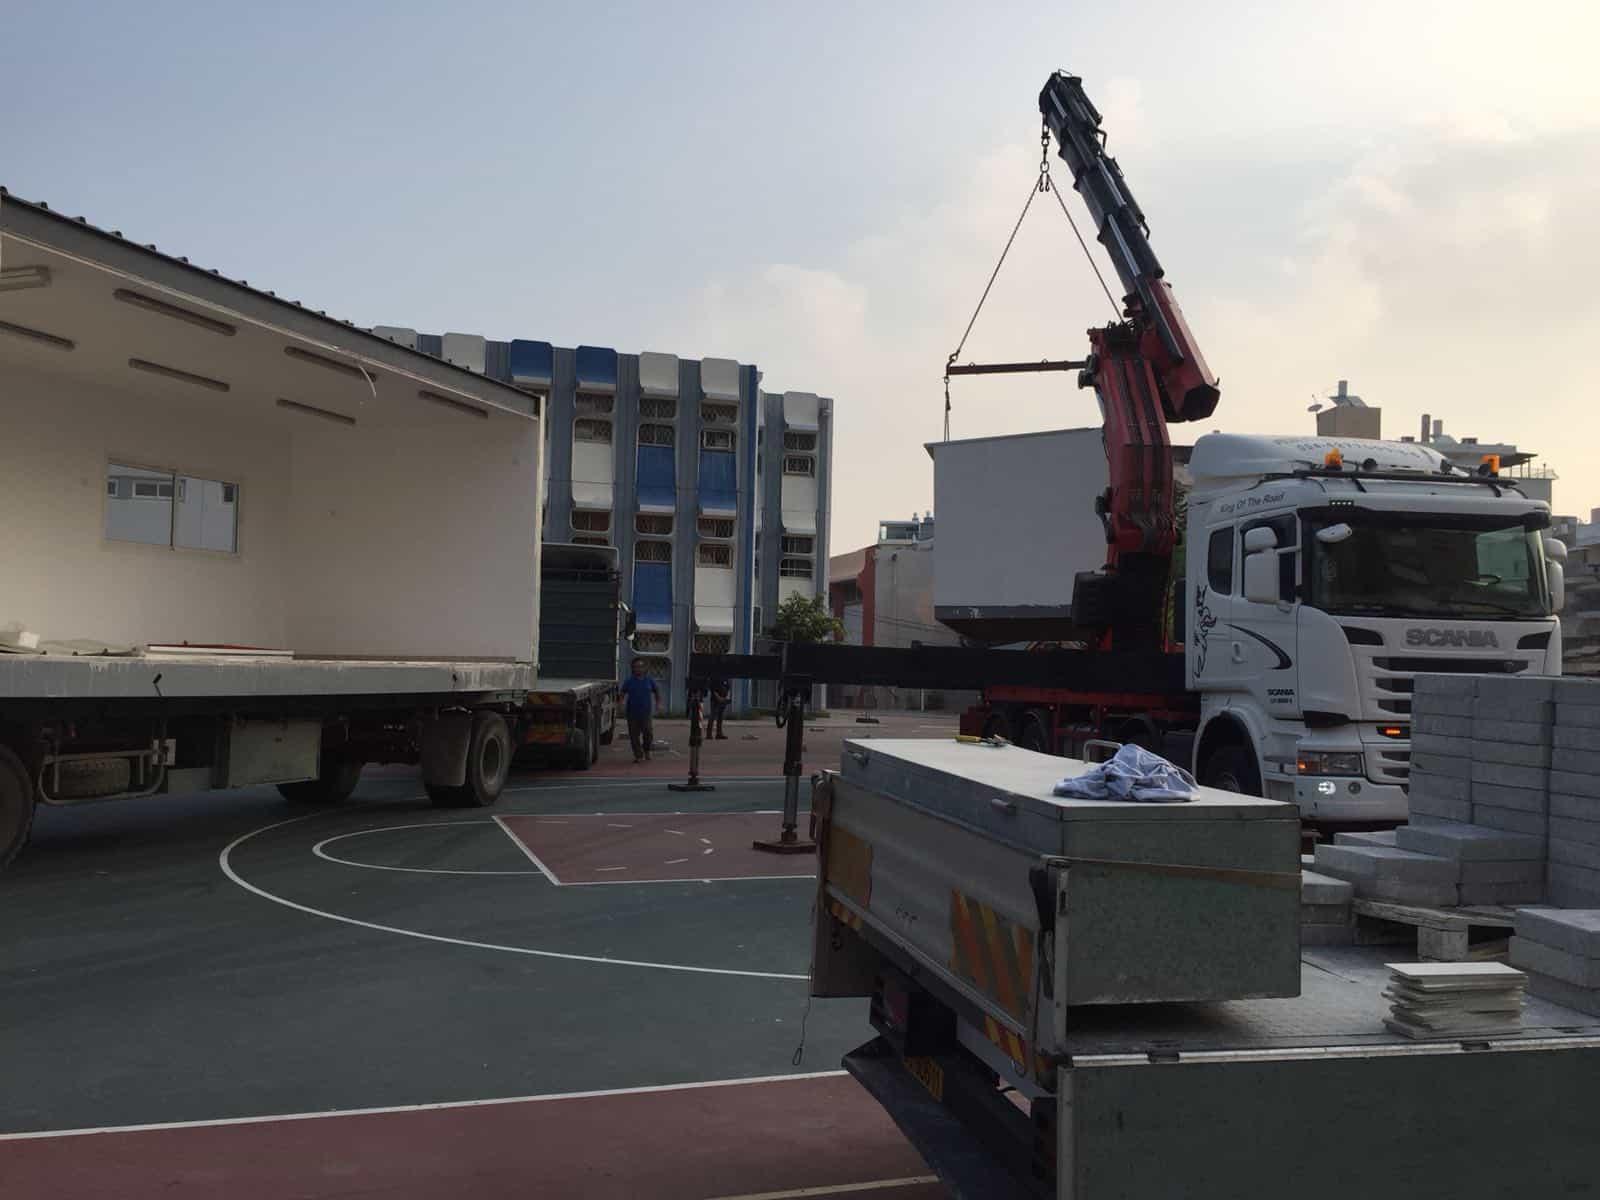 בינתיים יחזקו את הבניין המסוכן, צילום: אגף החינוך חטיבת קהילה